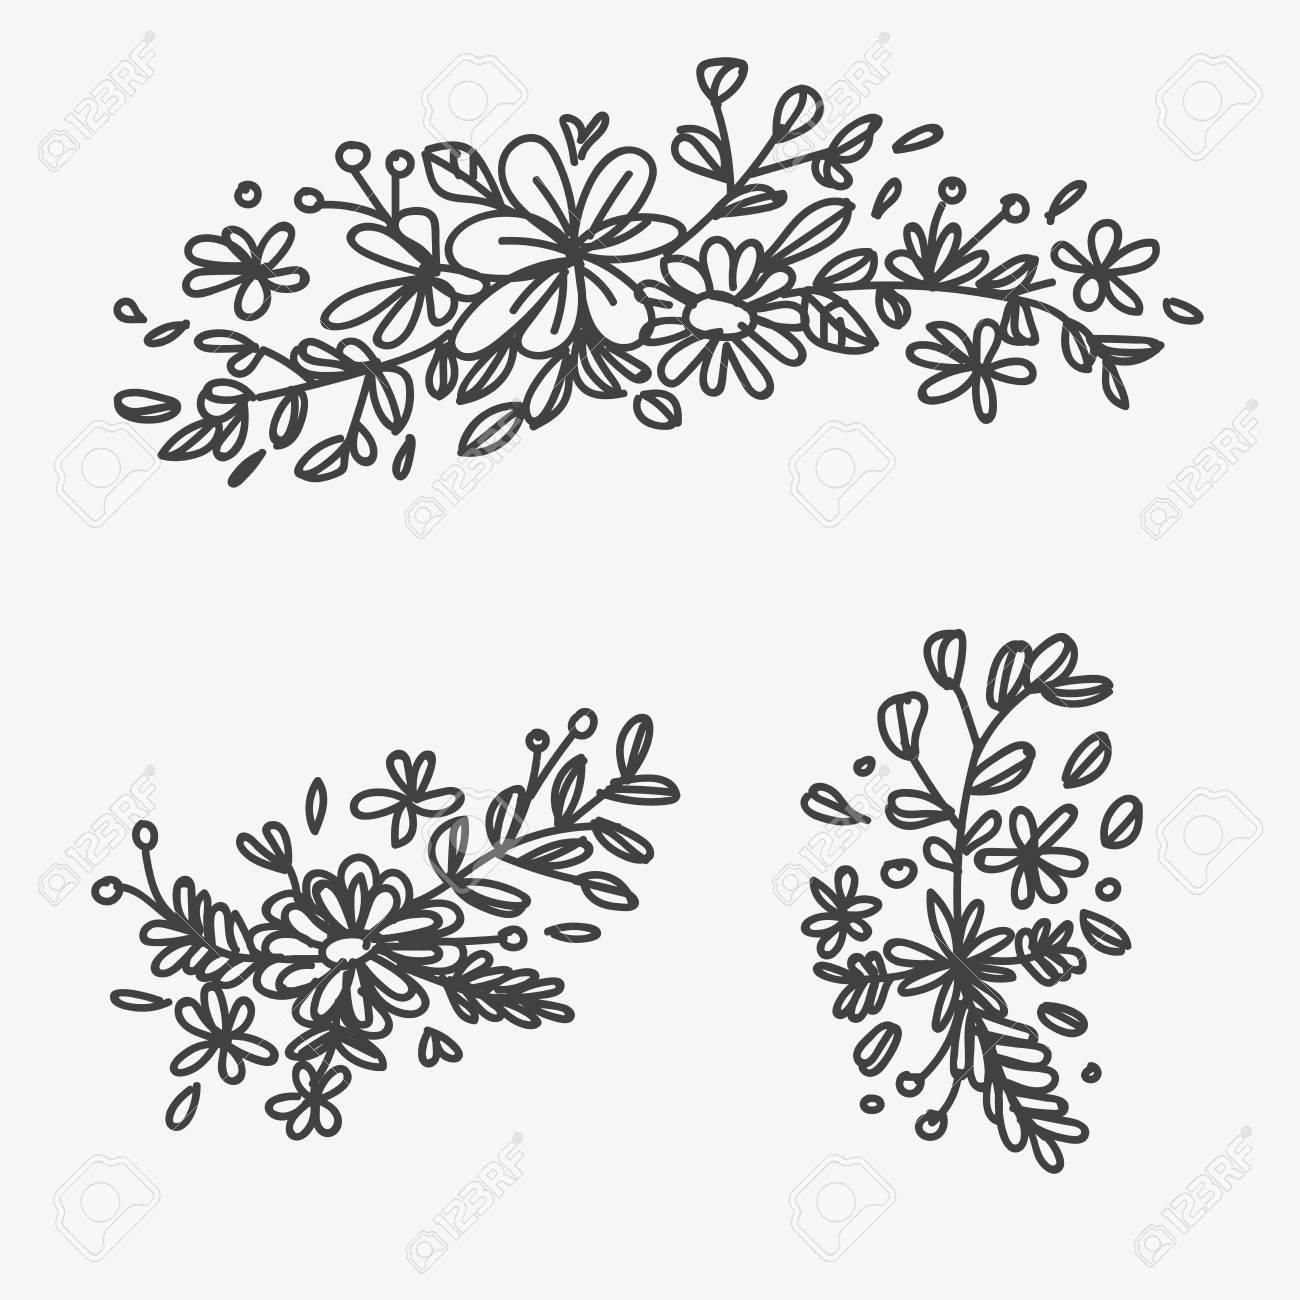 Vintage Elegante Con Flores De Verano Ilustracion En Blanco Y